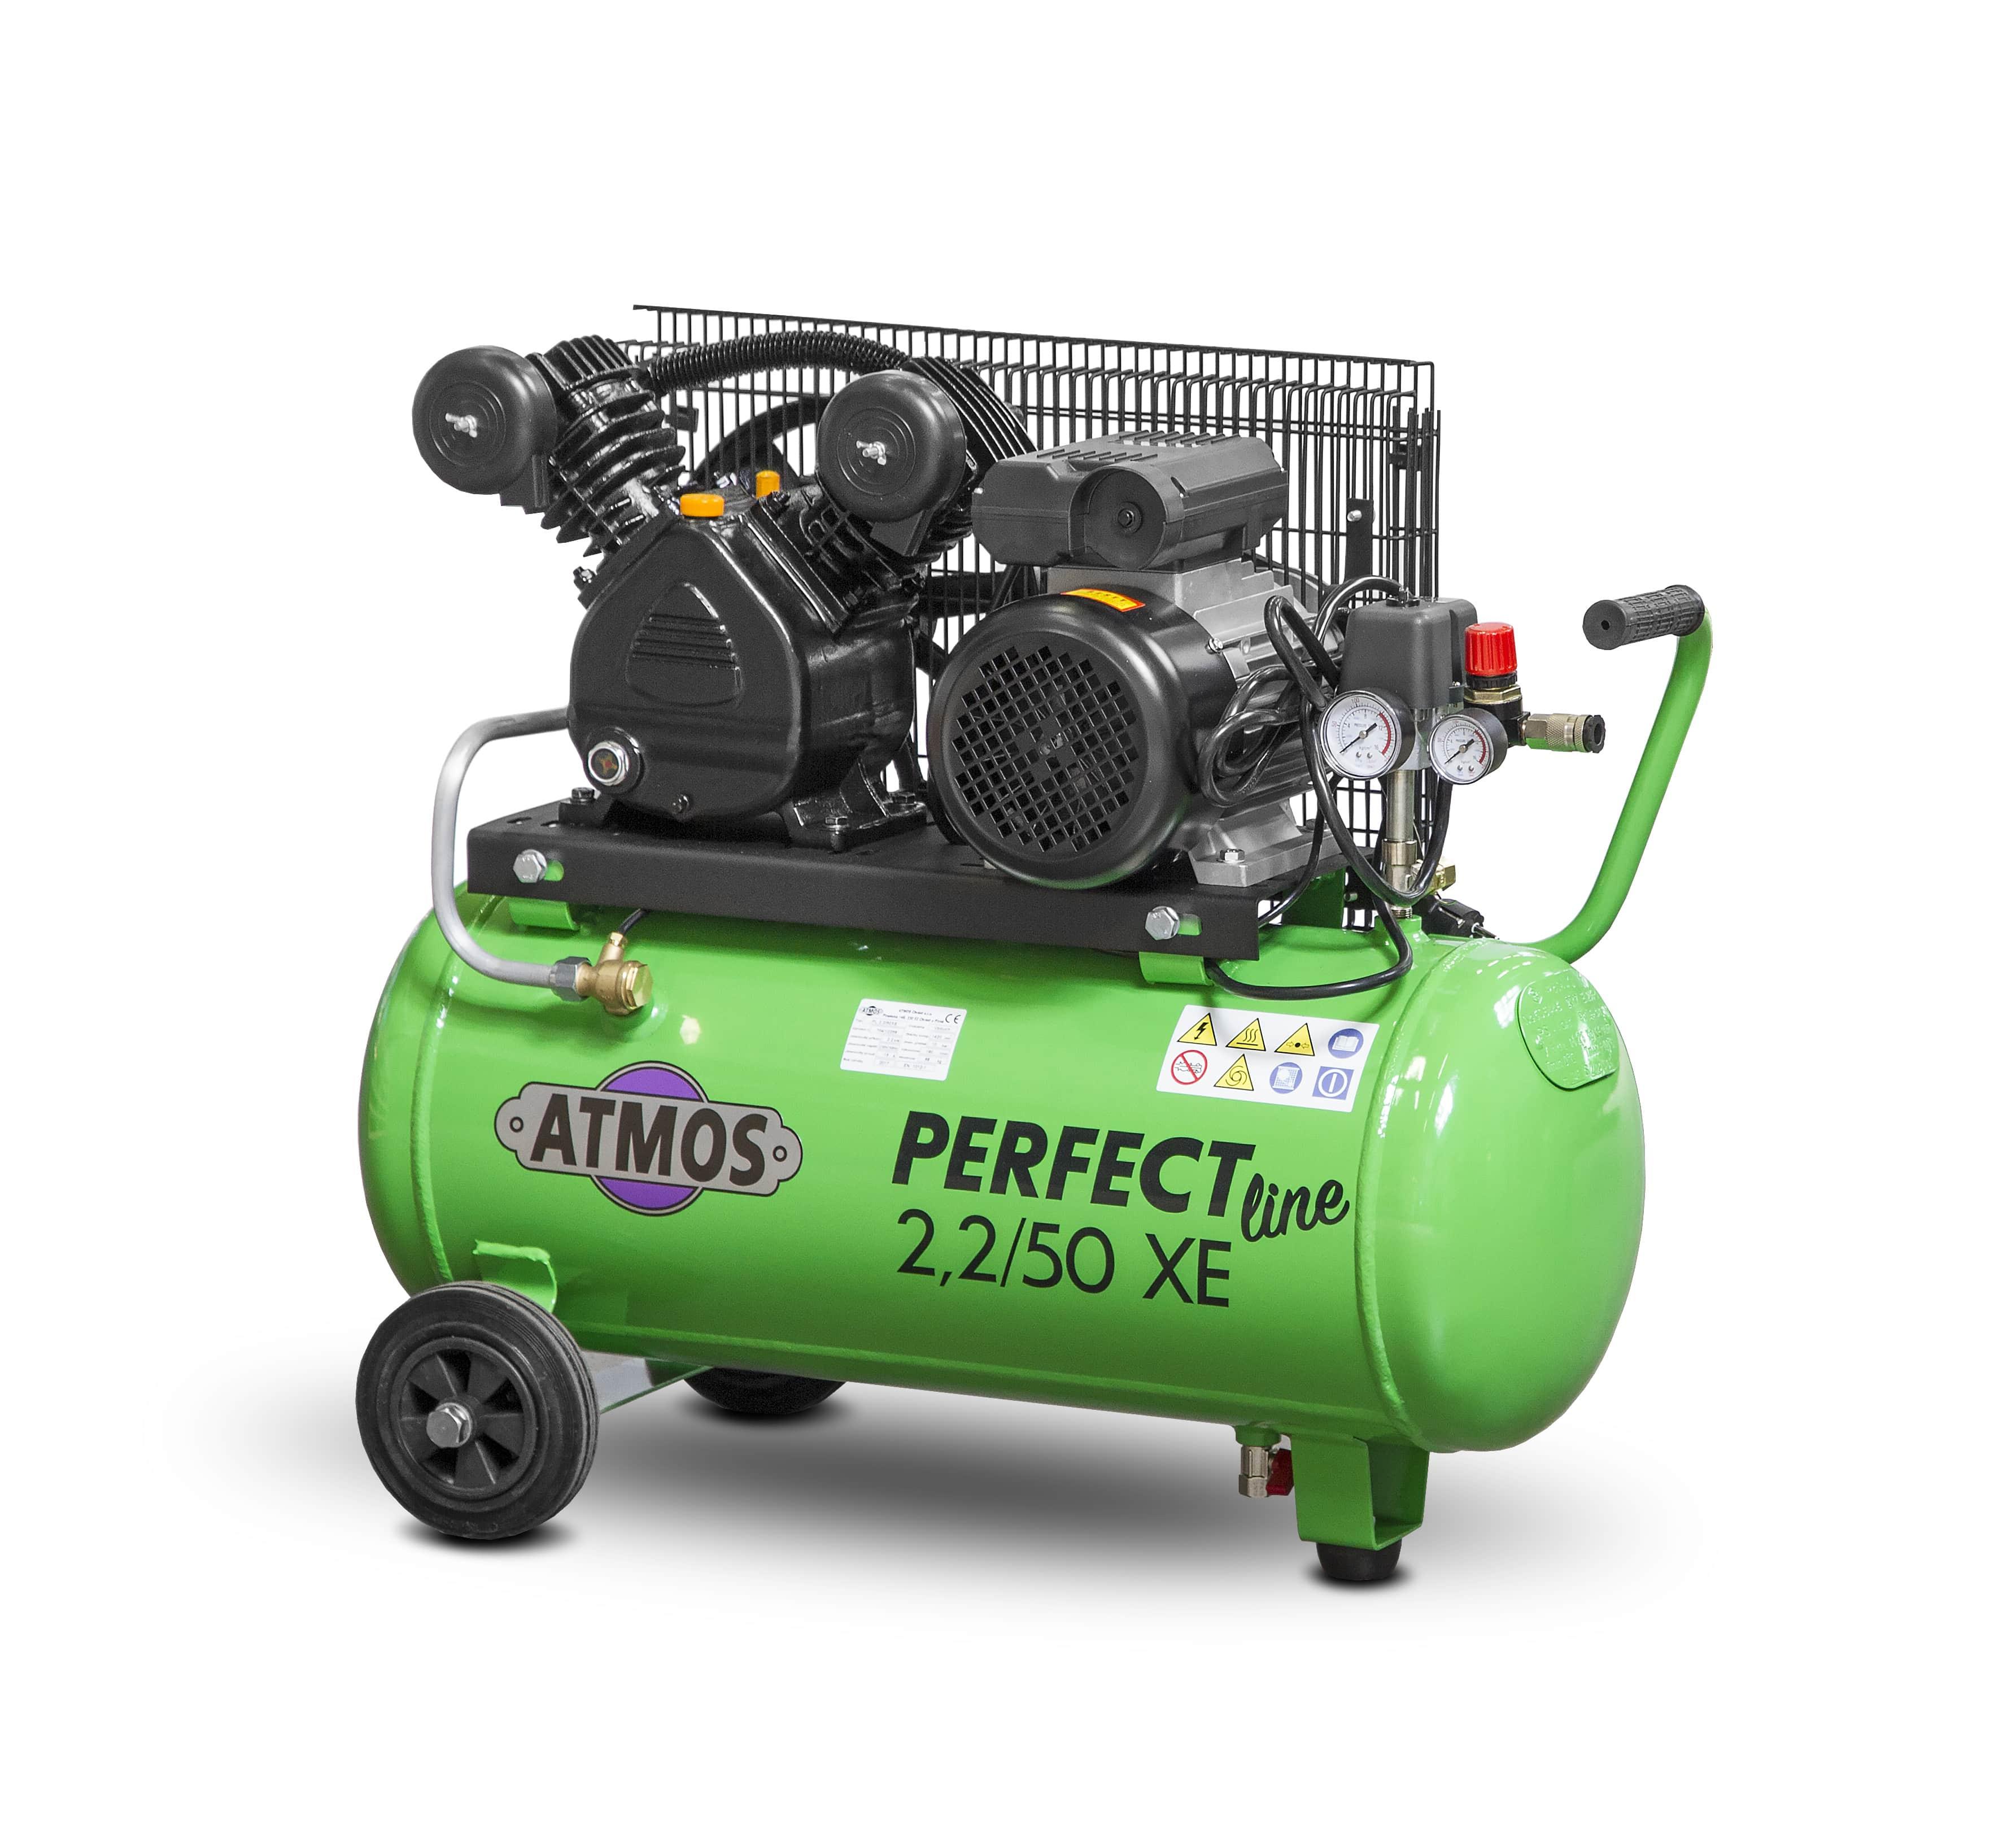 Akční nabídka kompresorů ATMOS - podzim 2019